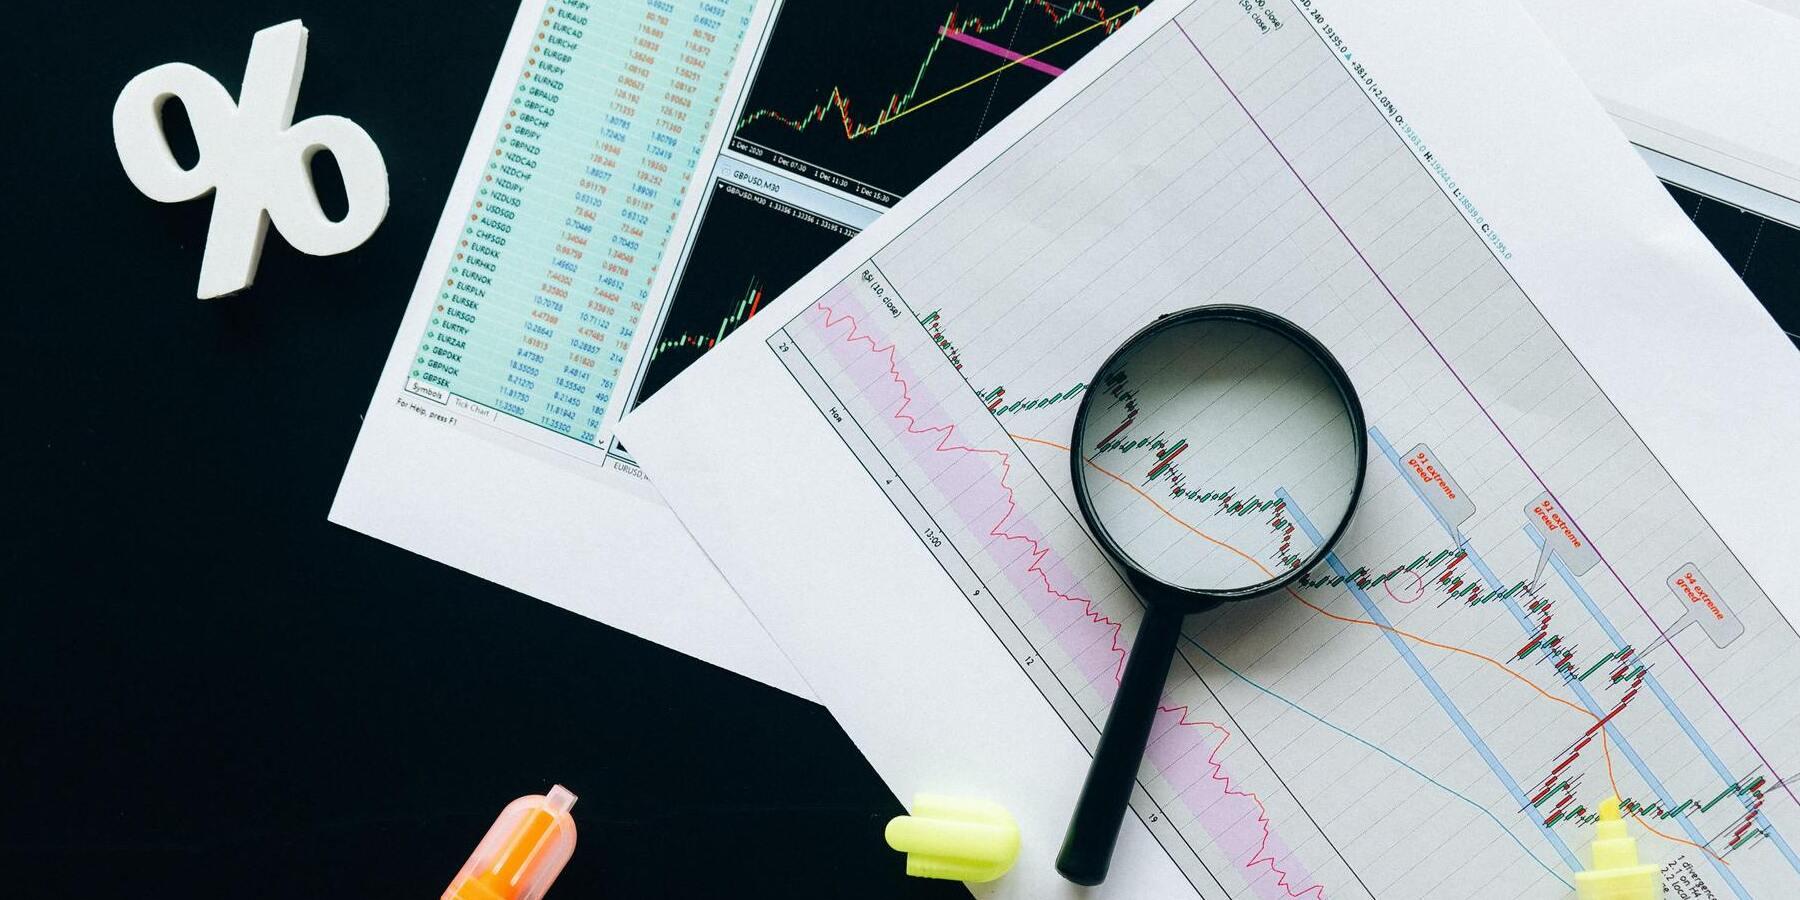 GameStop-Aktie Folgen für den Markt - Charts und Lupe auf Schreibtisch